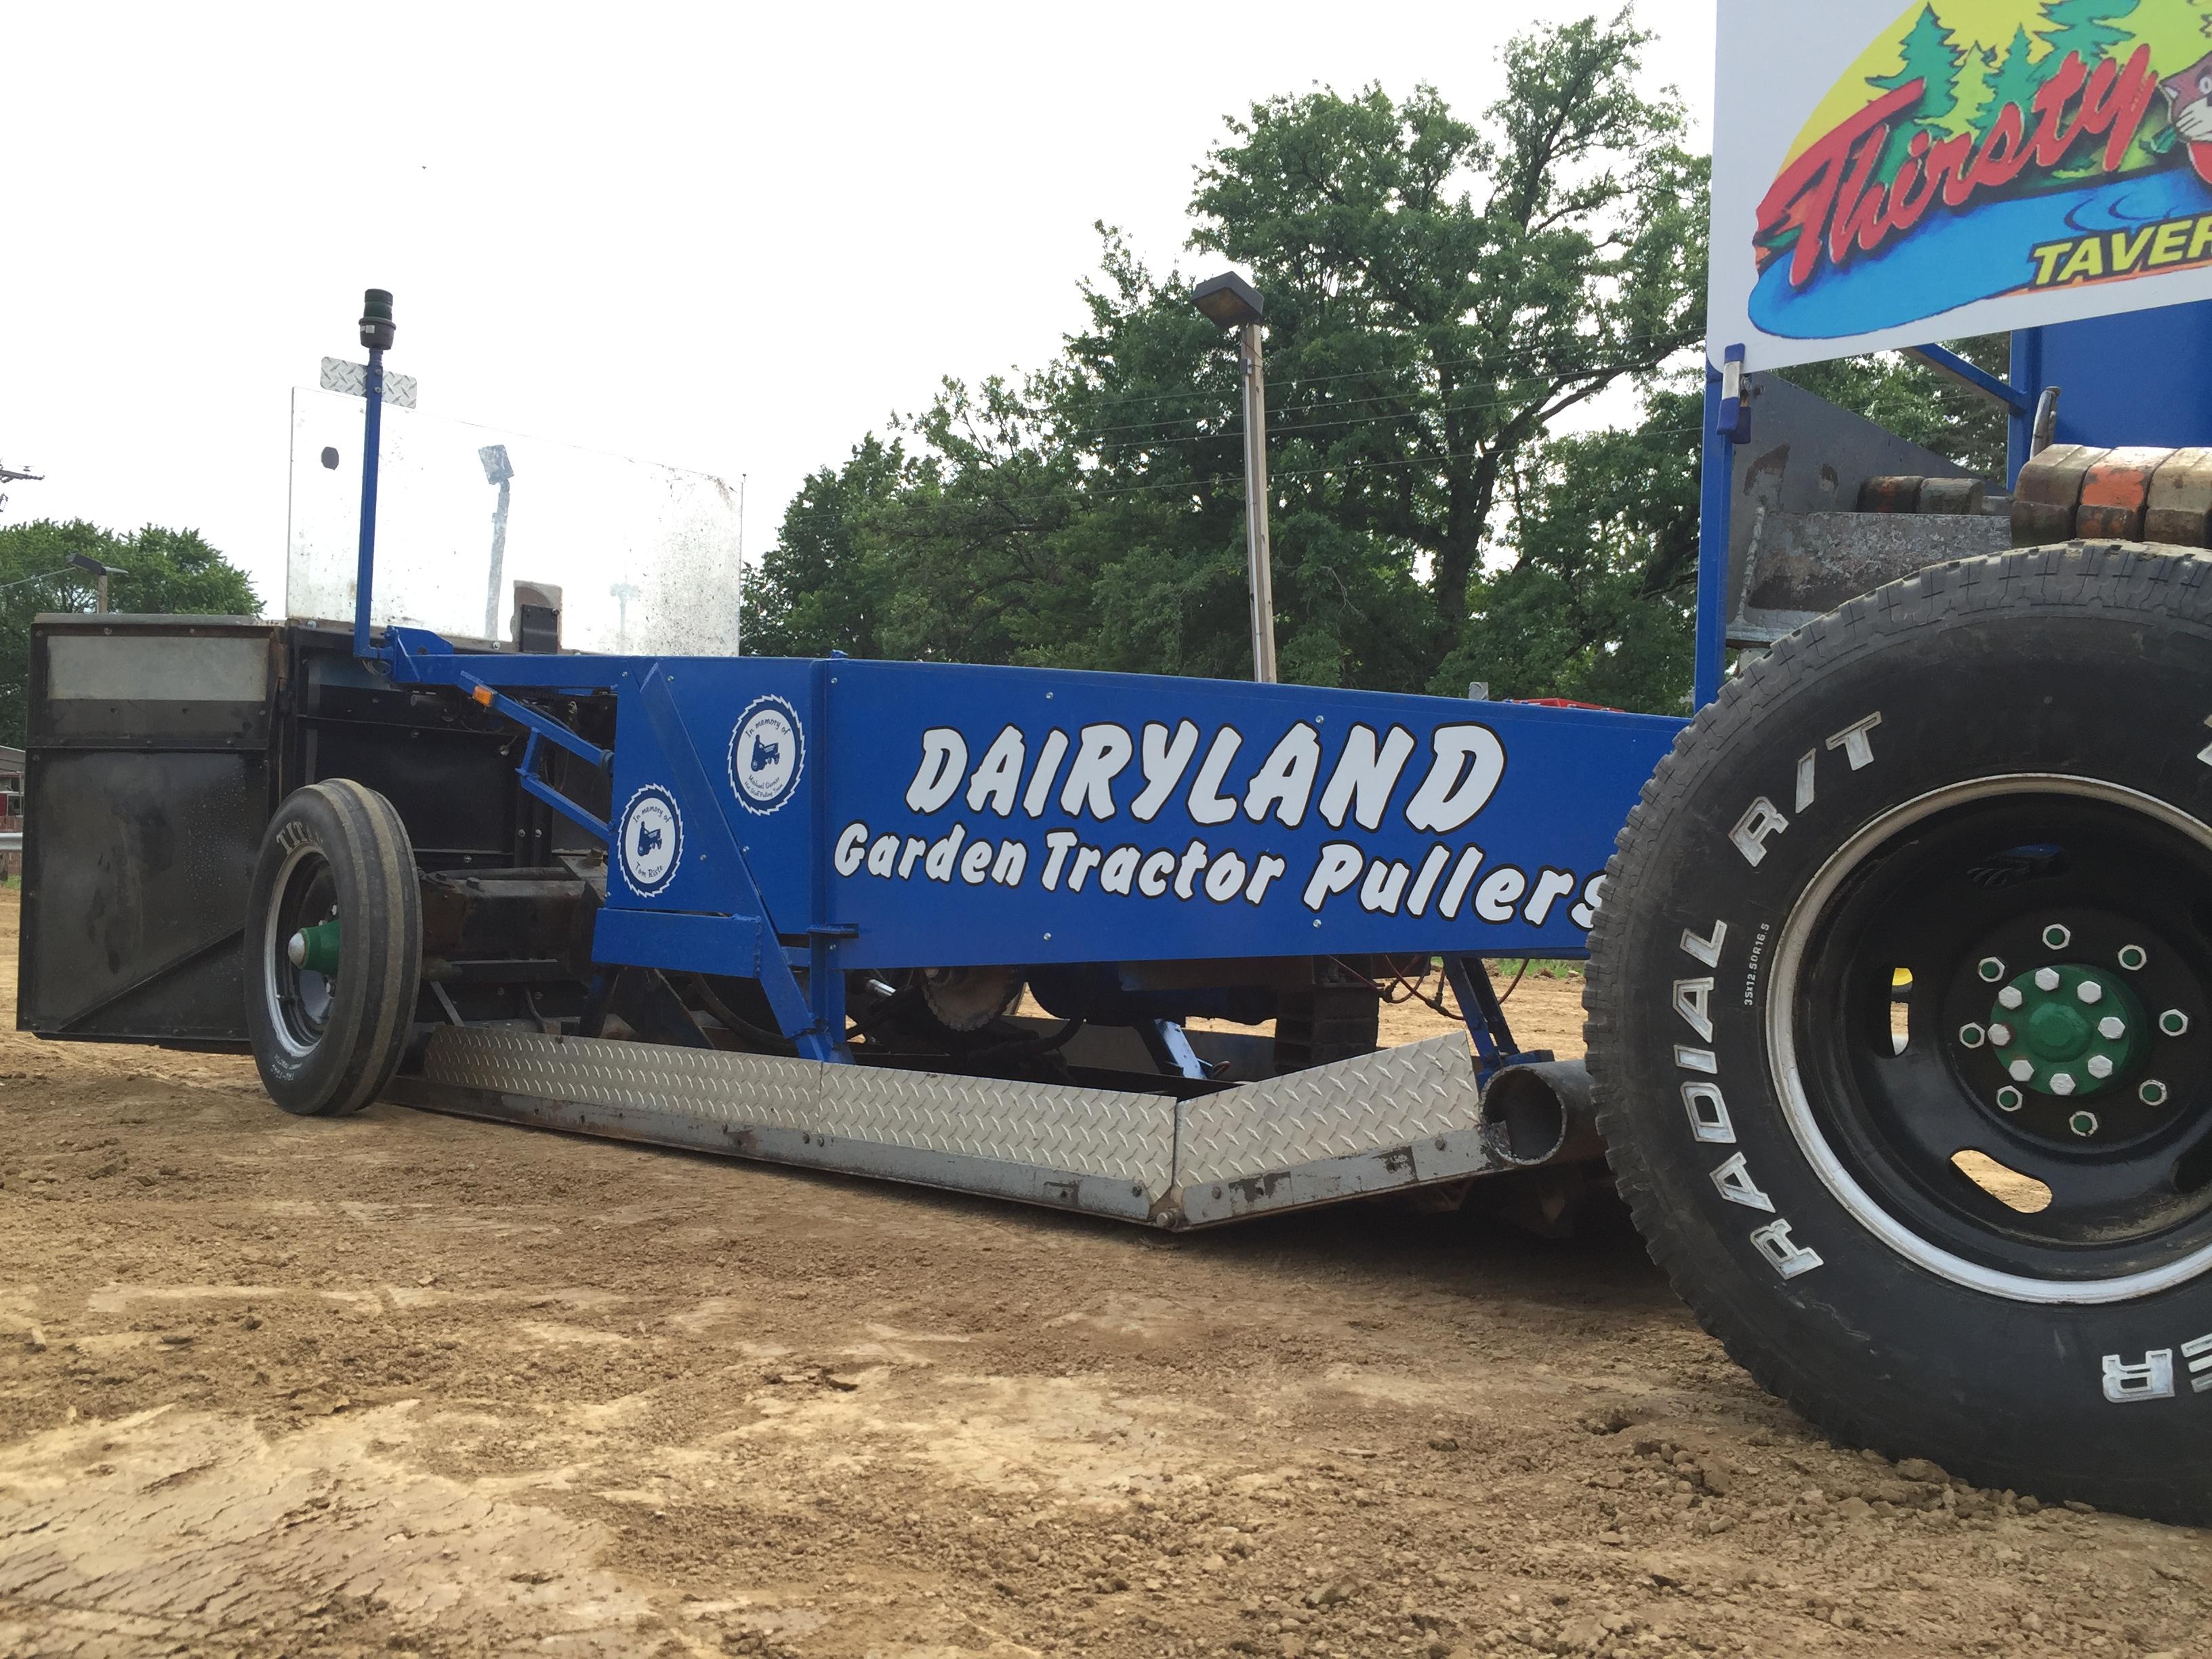 Garden Pulling Tractor Decal : Dairyland garden tractor pullers